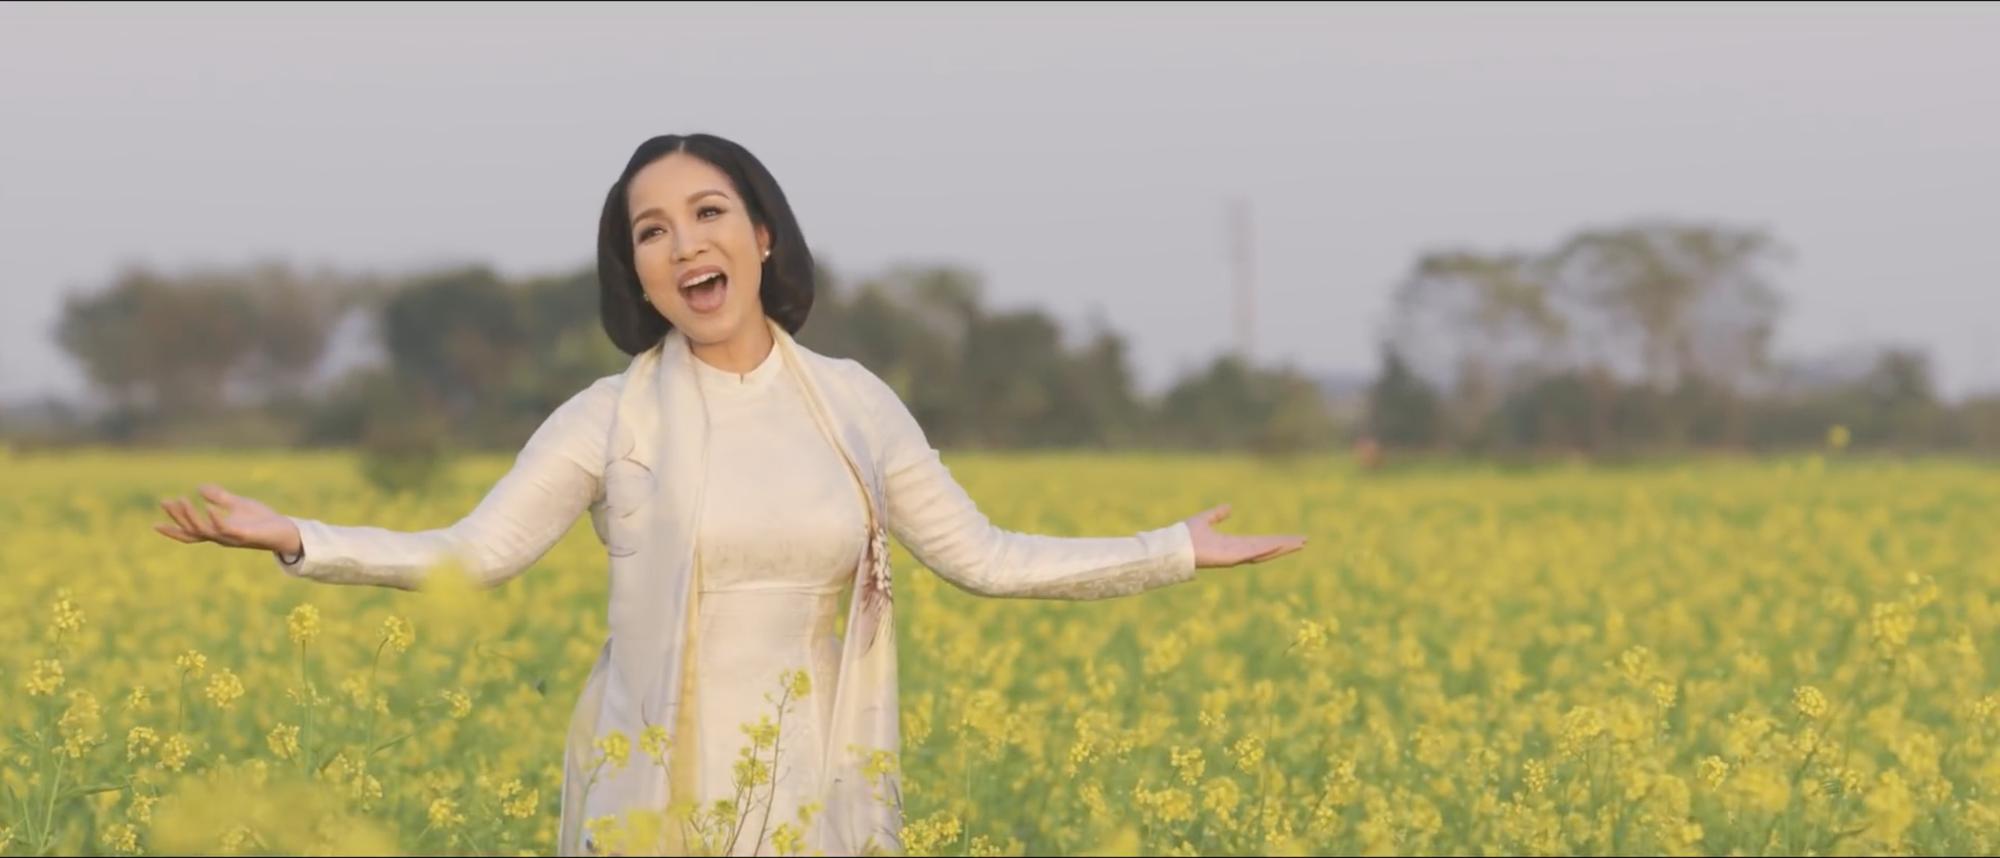 Diva Mỹ Linh khắc hoạ hình ảnh ngày Xuân Bắc Bộ trong MV mới dành tặng con gái đón Tết xa quê - Ảnh 2.